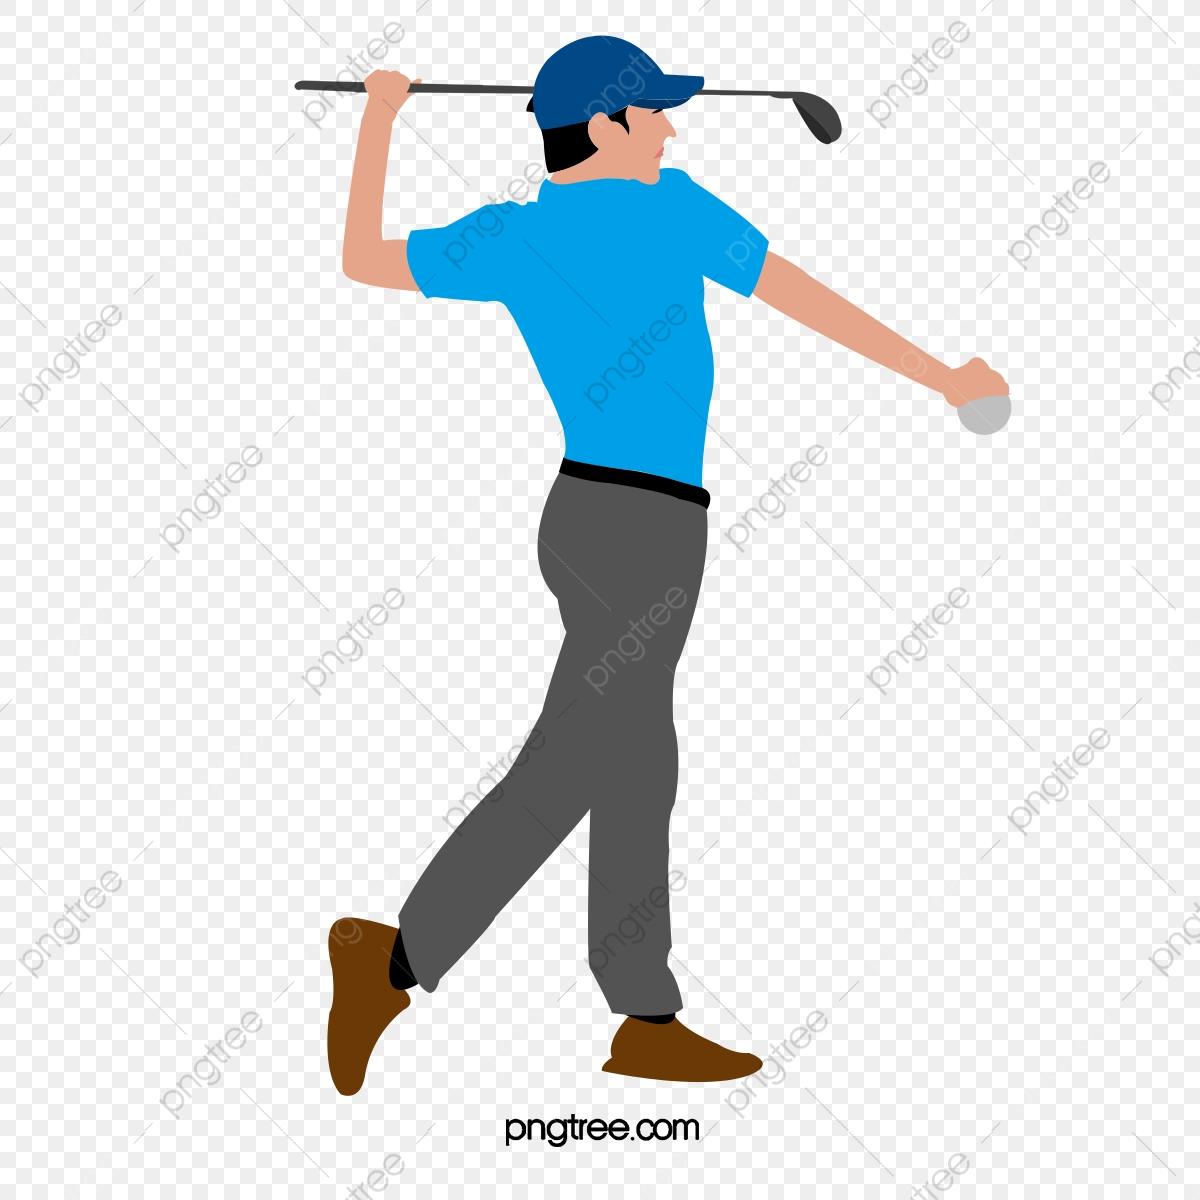 Mens golf movement png. Golfing clipart men's